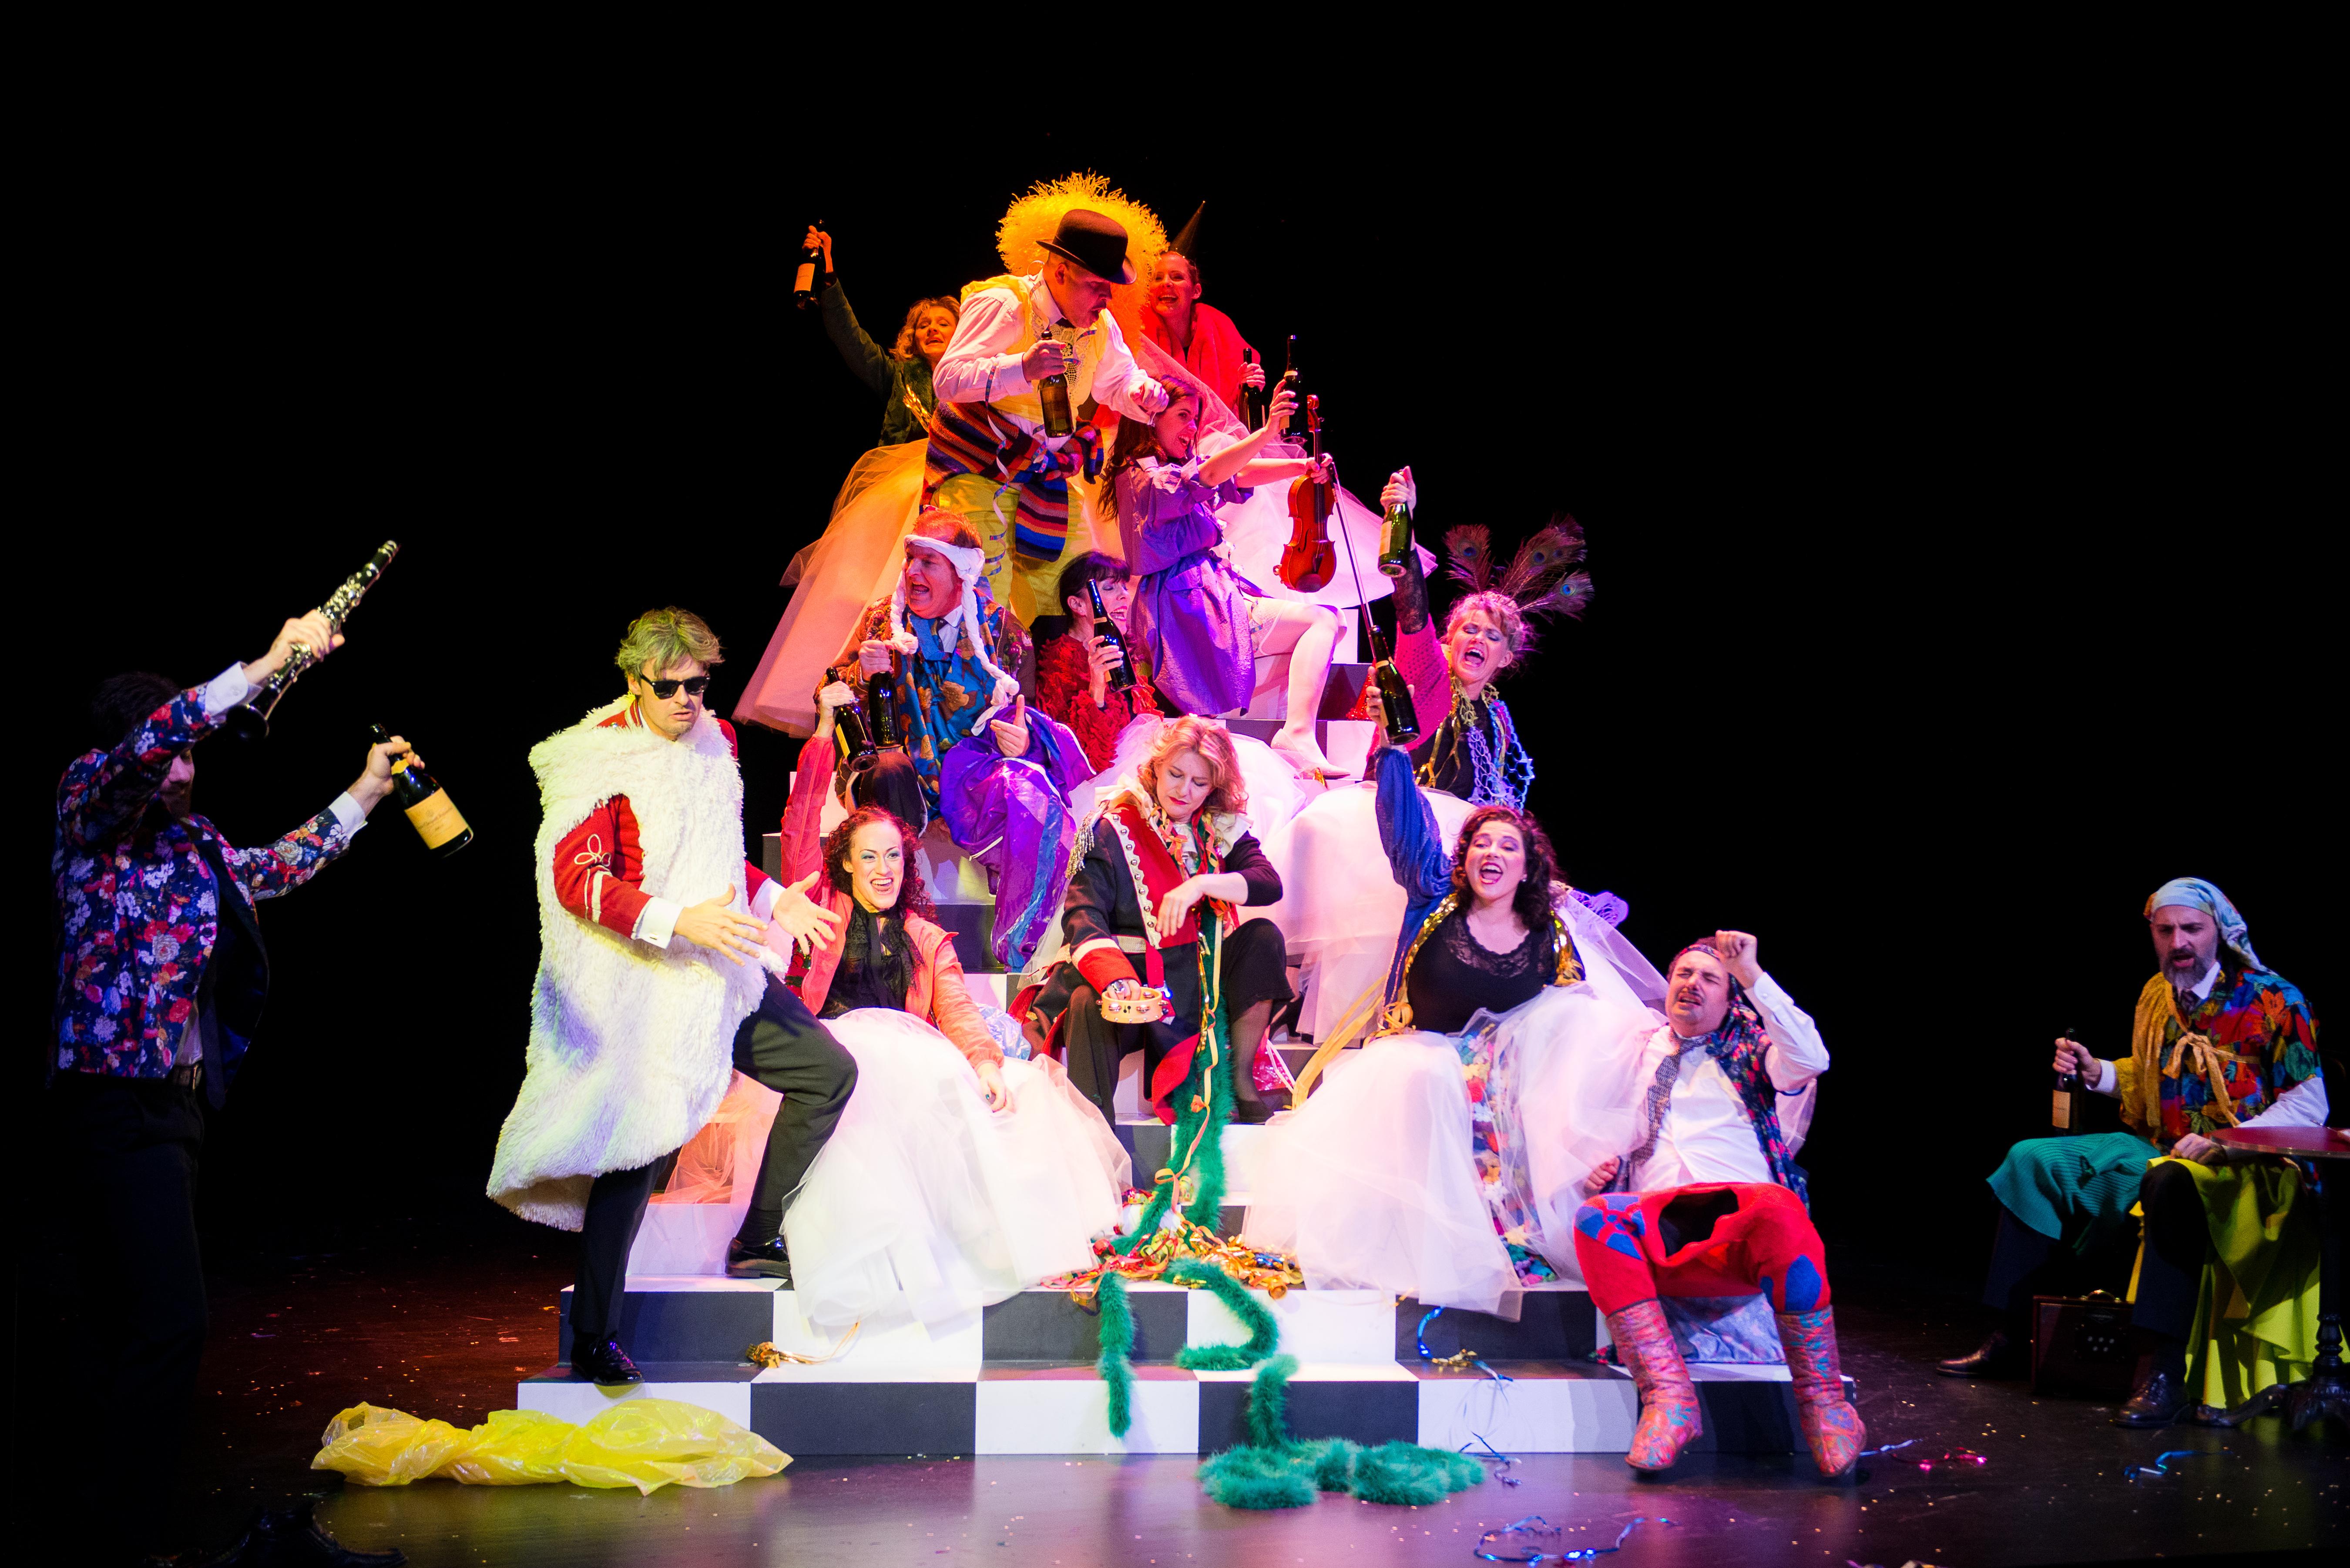 Eine Menschenpyramide aus Frauen und Männern, die bunte Kleidung tragen und Flaschen, sowie Musikinstrumente in den Händen halten.